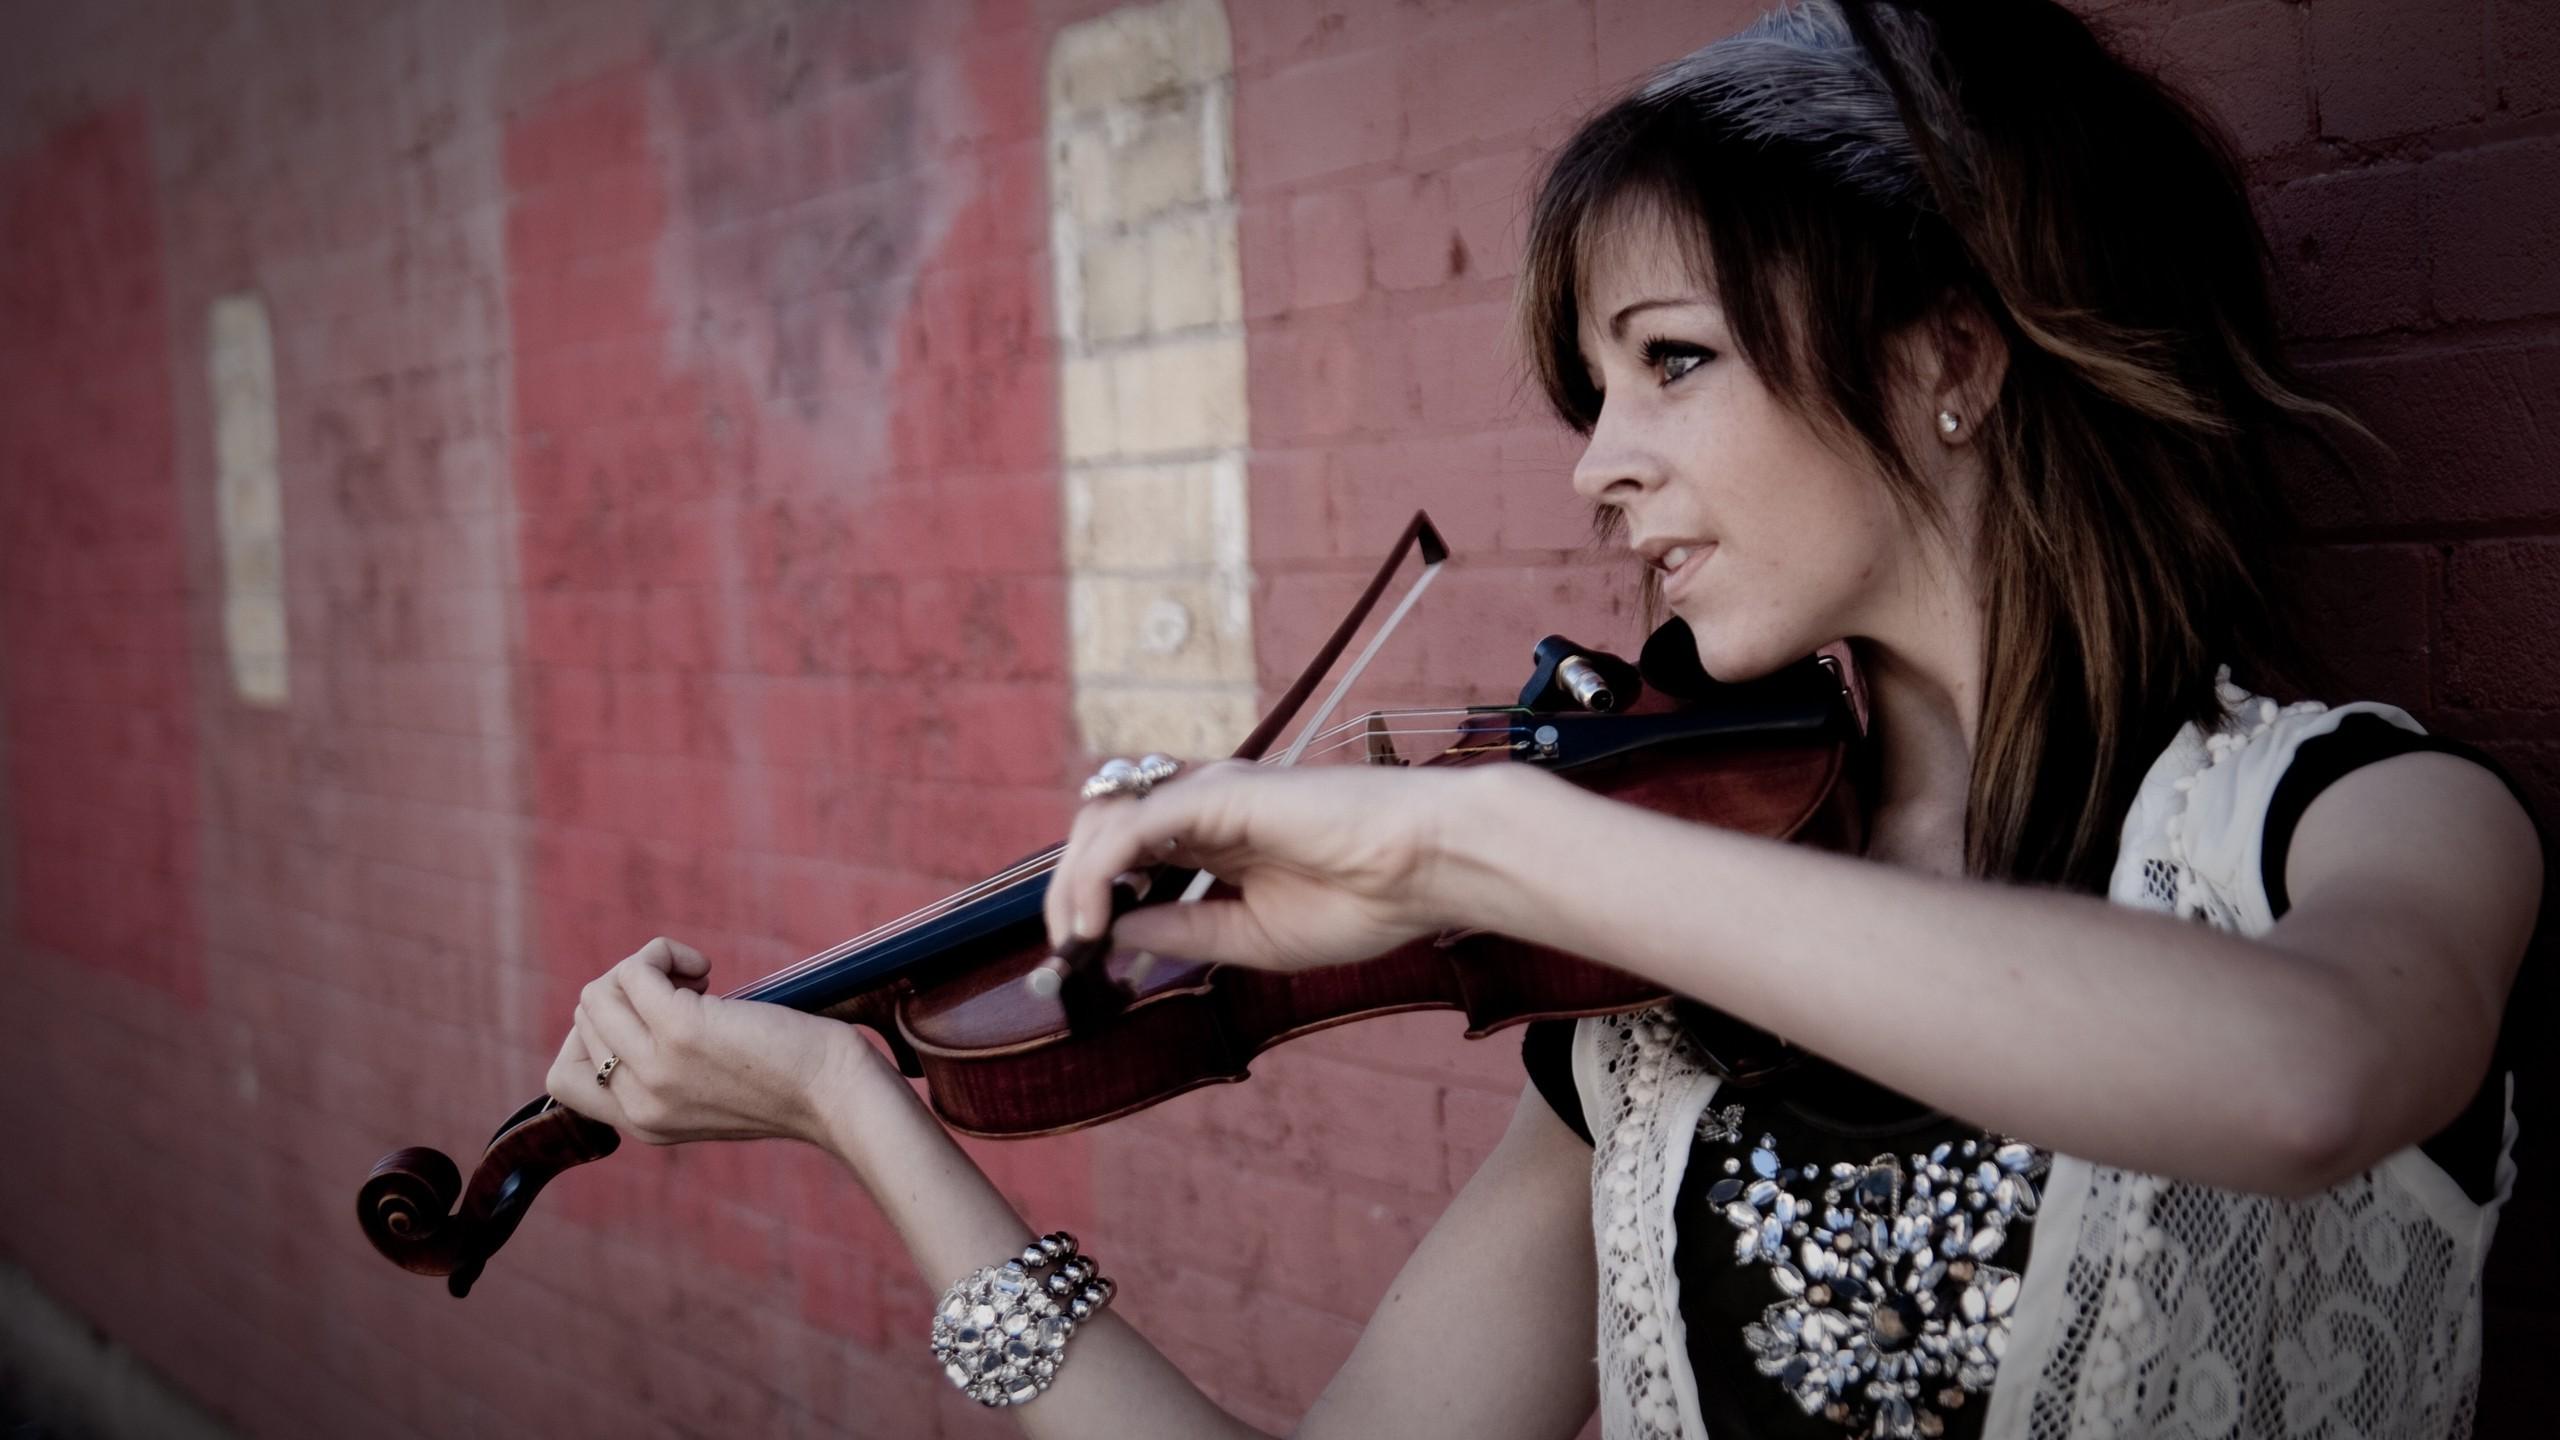 Wallpaper : white, black, model, fashion, violin, Person